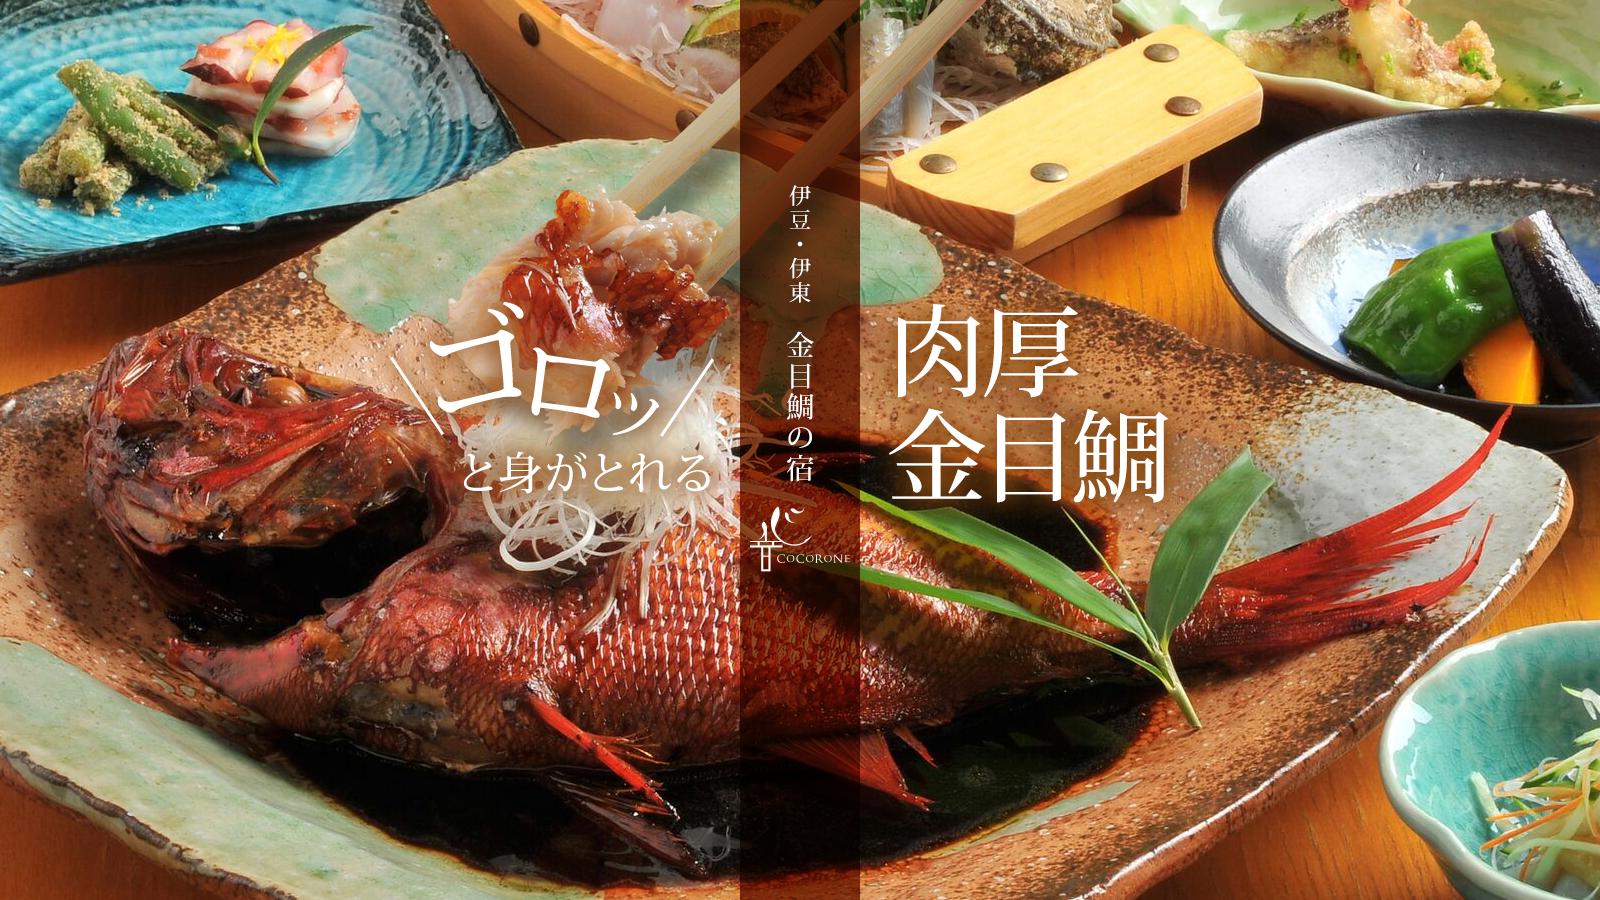 伊豆・伊東 金目鯛の宿 こころね ゴロッと身が取れる肉厚金目鯛